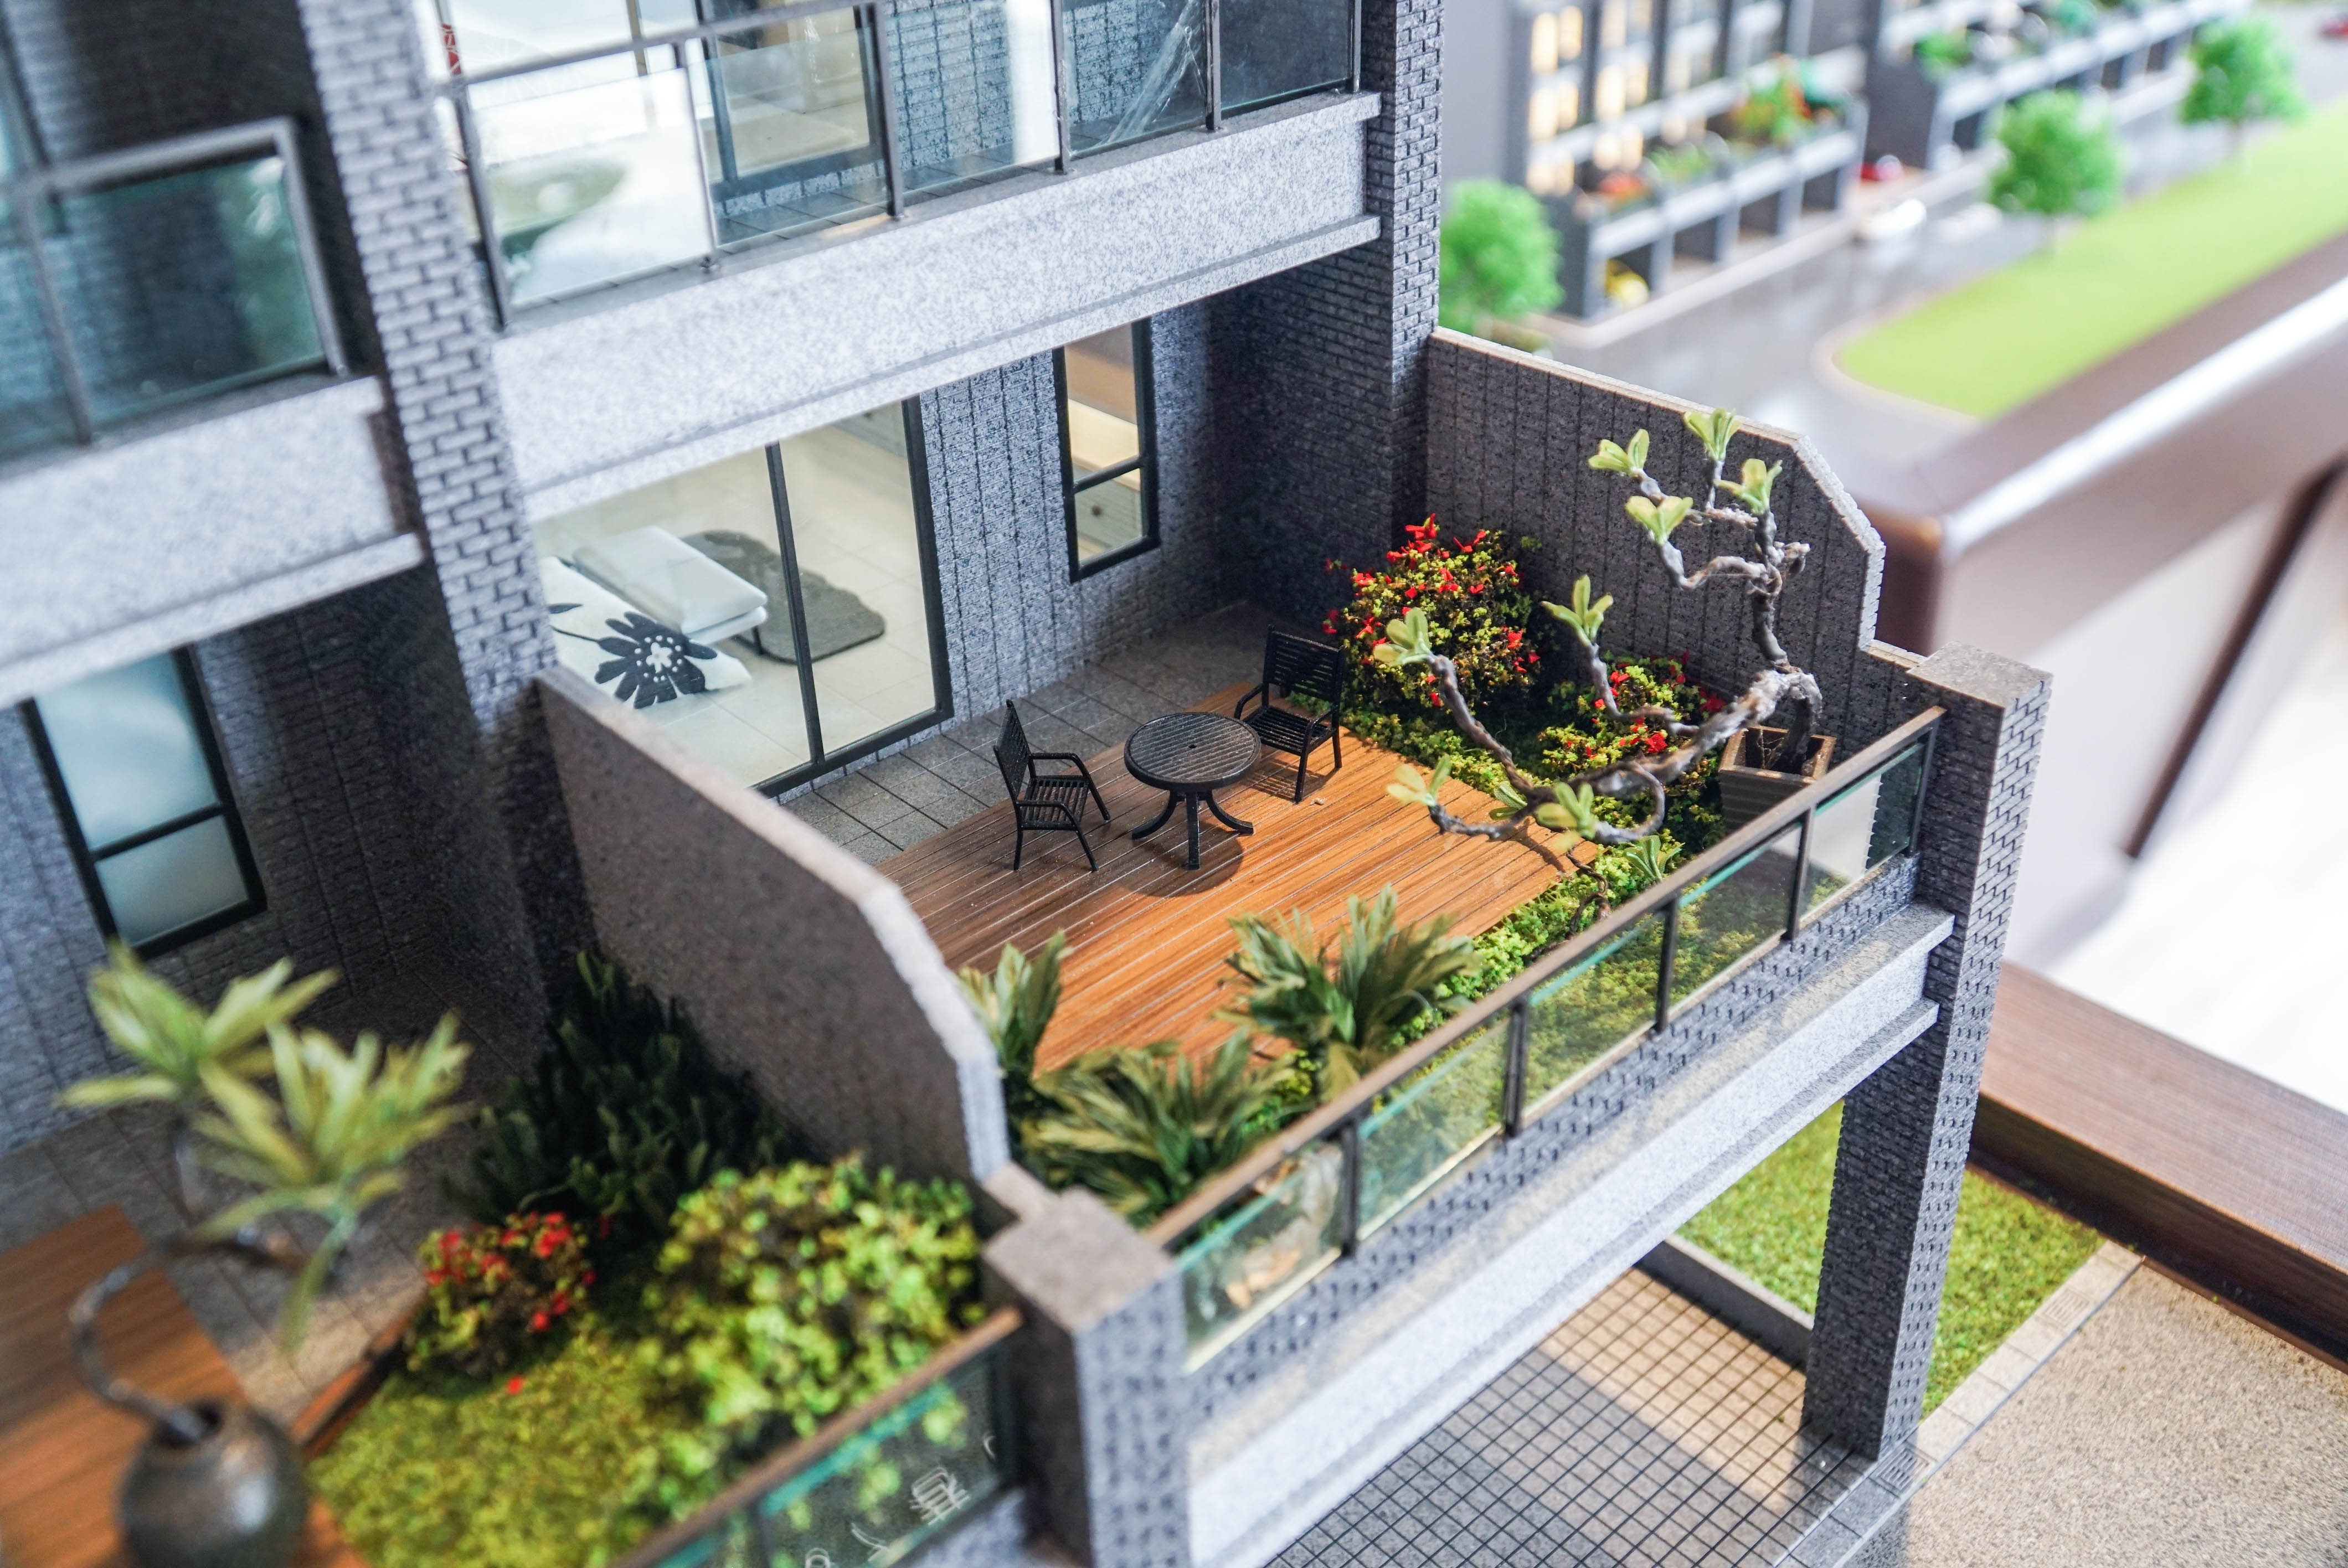 圖片:長虹大鎮| 彰化社頭預售屋 長虹建設首度跨足中部,為豪宅空間注入幸福能量